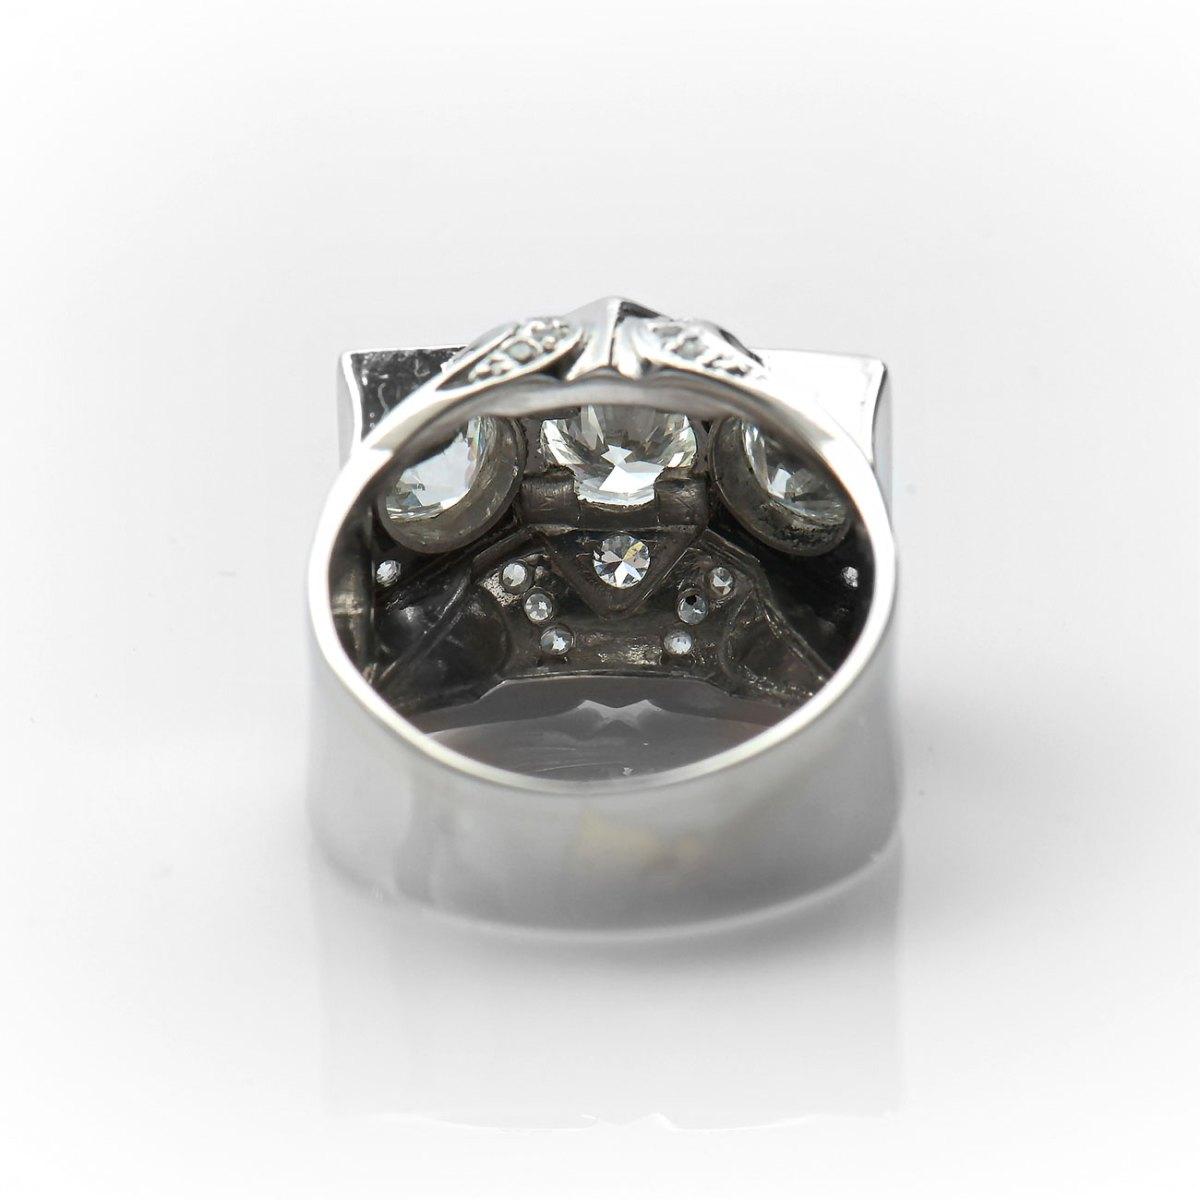 Bague Tank platine, trois diamants, 2,63ct, T.57-58 • Réf. BA-B18885 | EVENOR Joaillerie • Bijoux neufs • Bijoux Vintage • Bijoux d'occasion